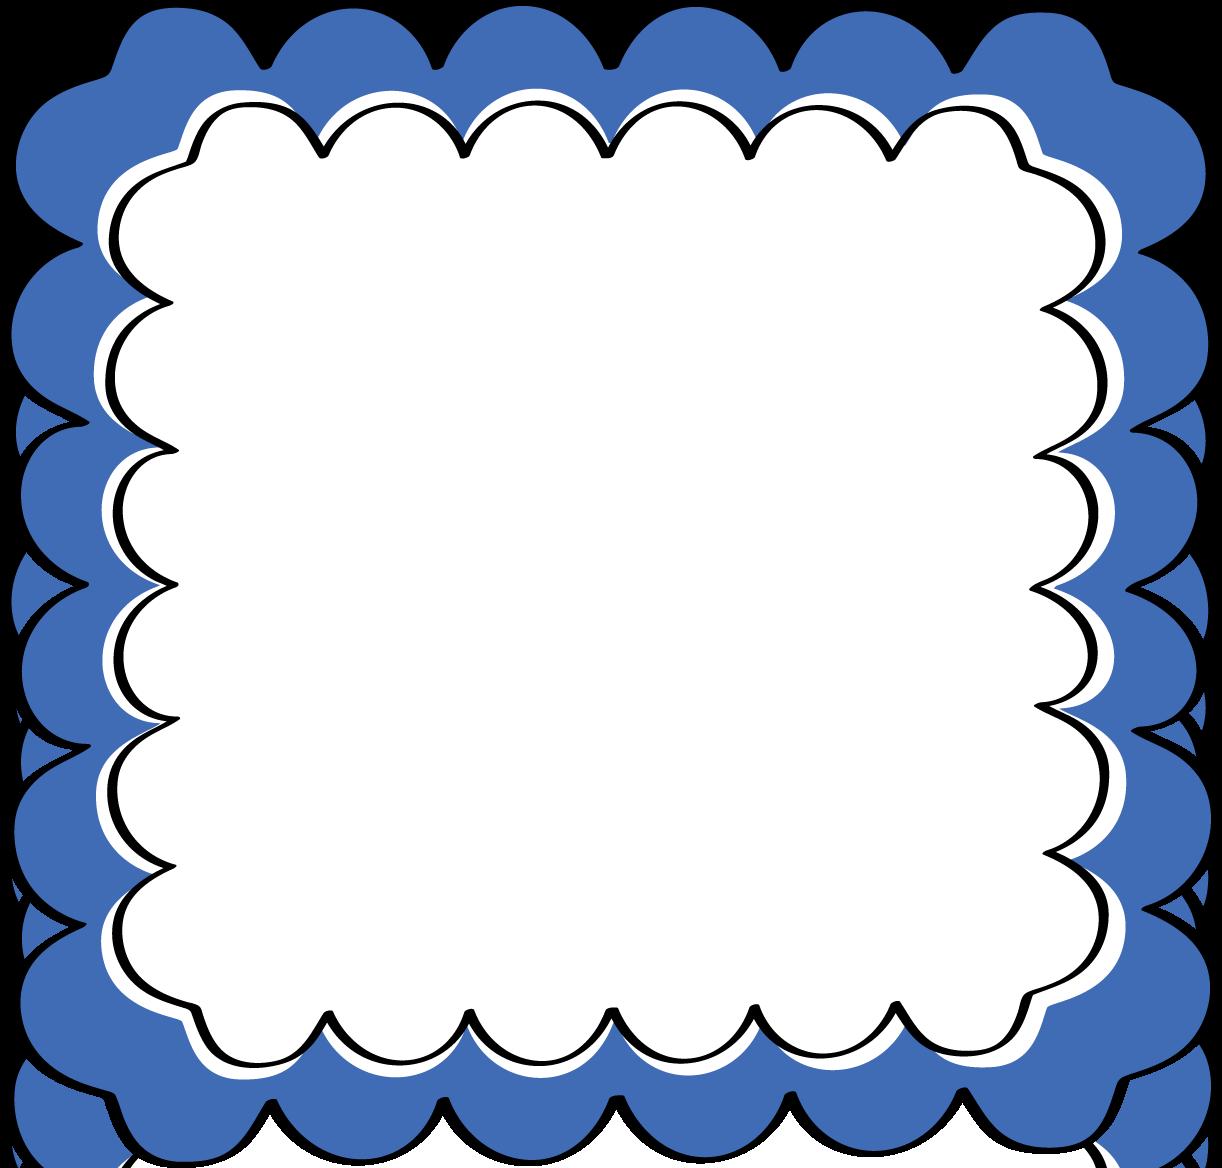 Blue Scalloped Frame | Backgrounds | Pinterest